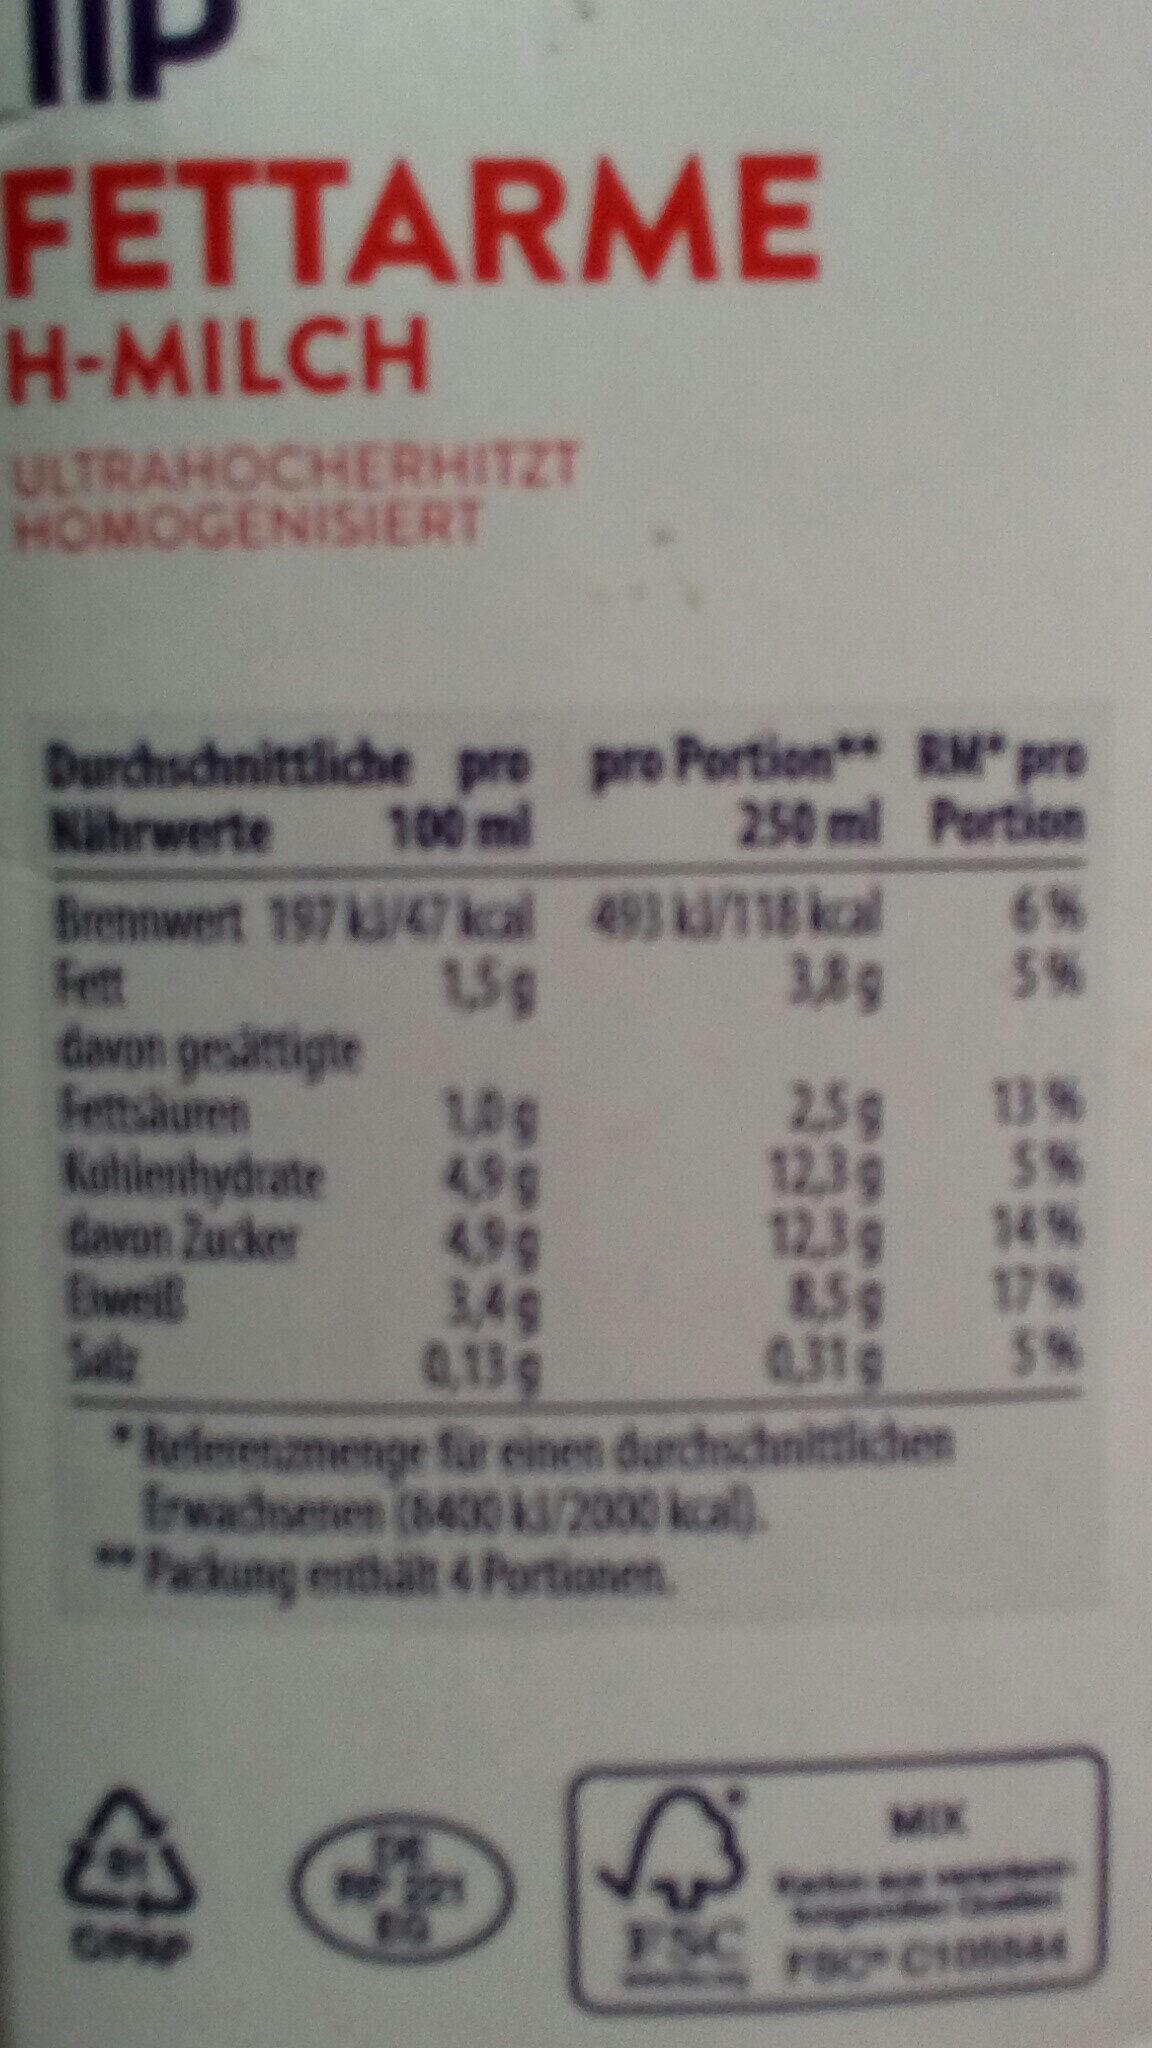 Fettarme H-Milch - Voedingswaarden - de